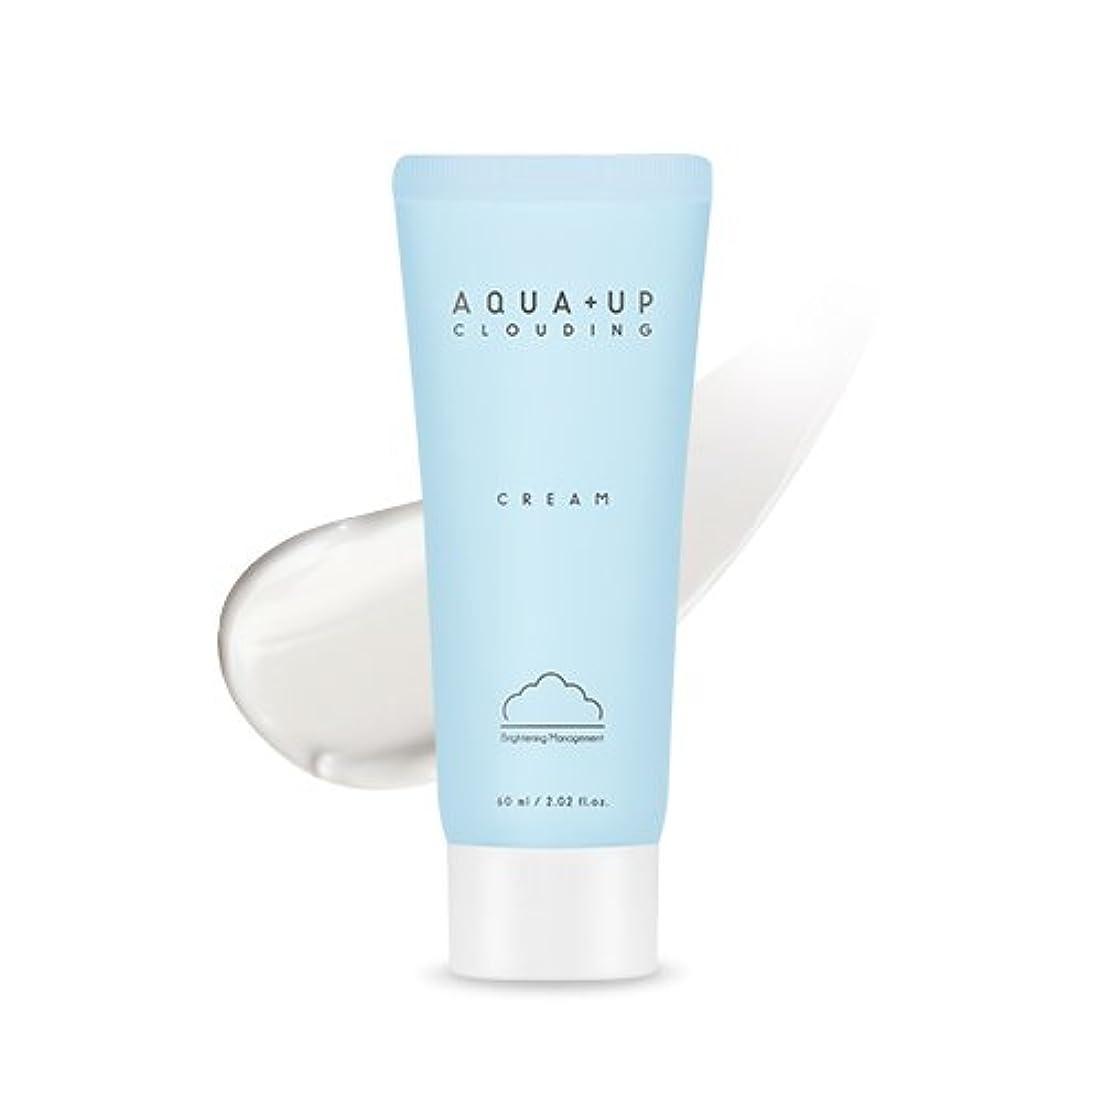 入り口クールバレーボールAPIEU (AQUA+UP) Clouding Cream/アピュアクアアップクラウドディングクリーム 60ml [並行輸入品]